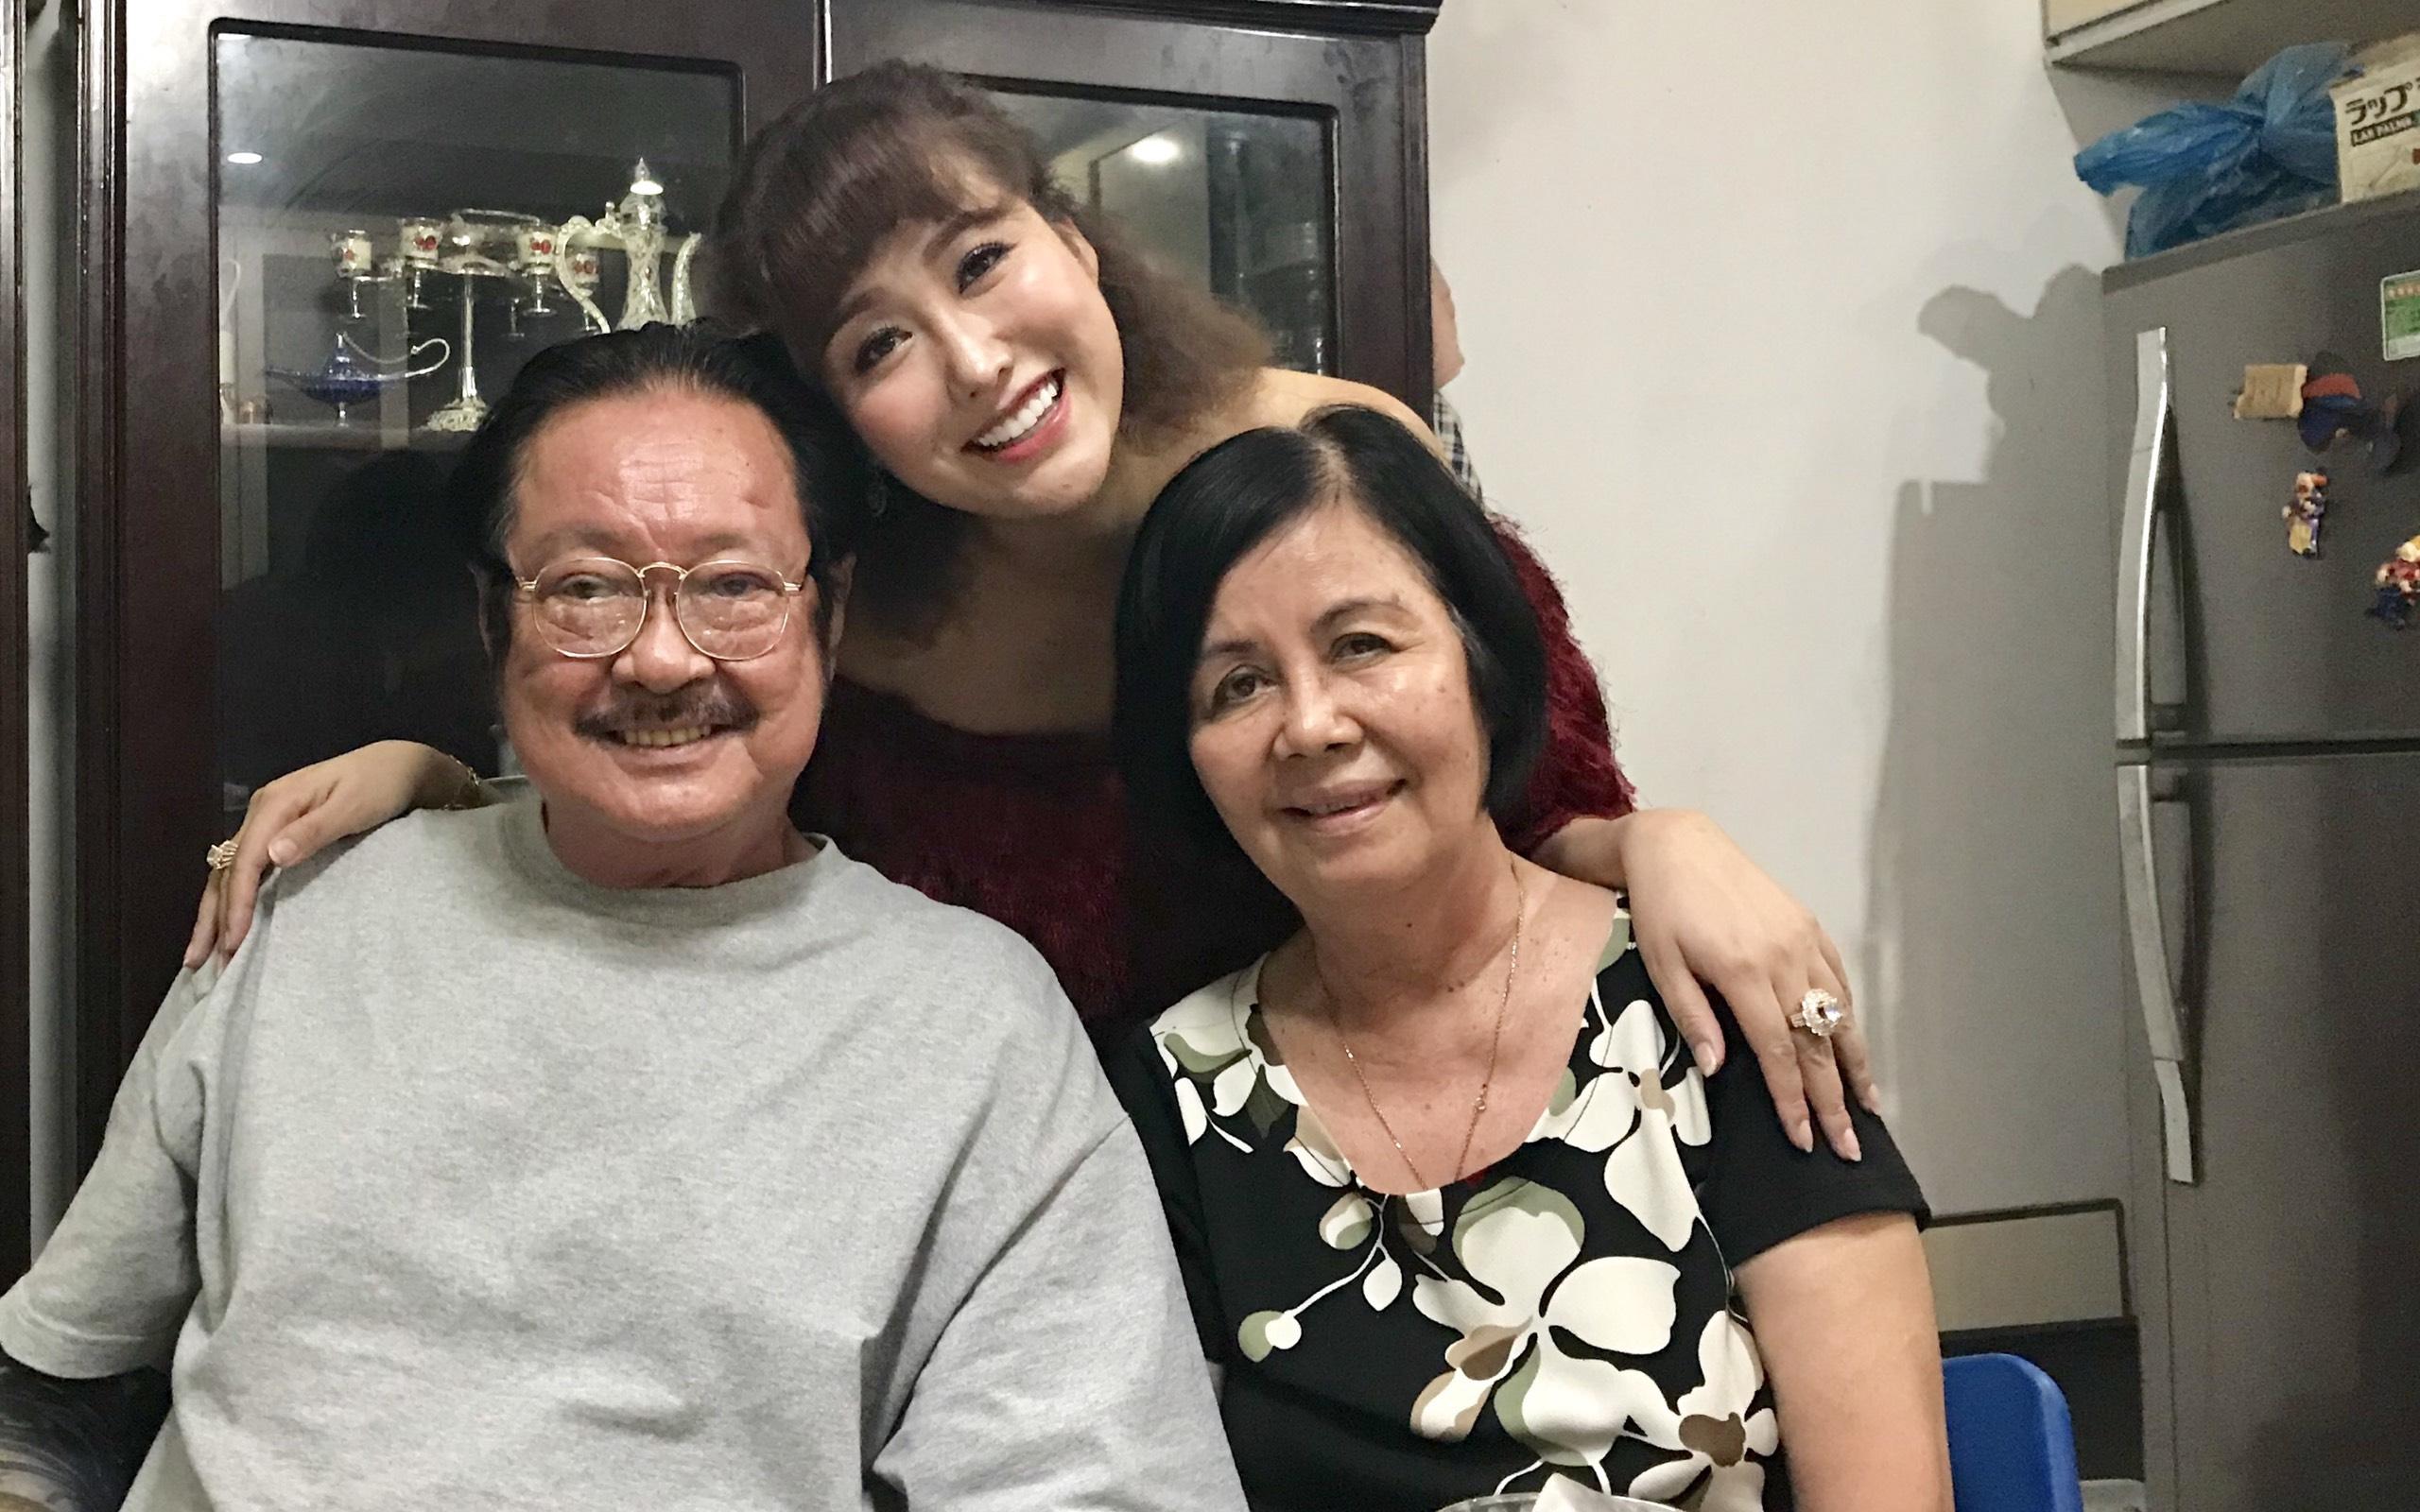 Chánh Tín bị ngân hàng tịch thu biệt thự, Phi Thanh Vân giúp Bích Trâm mổ mắt - 1